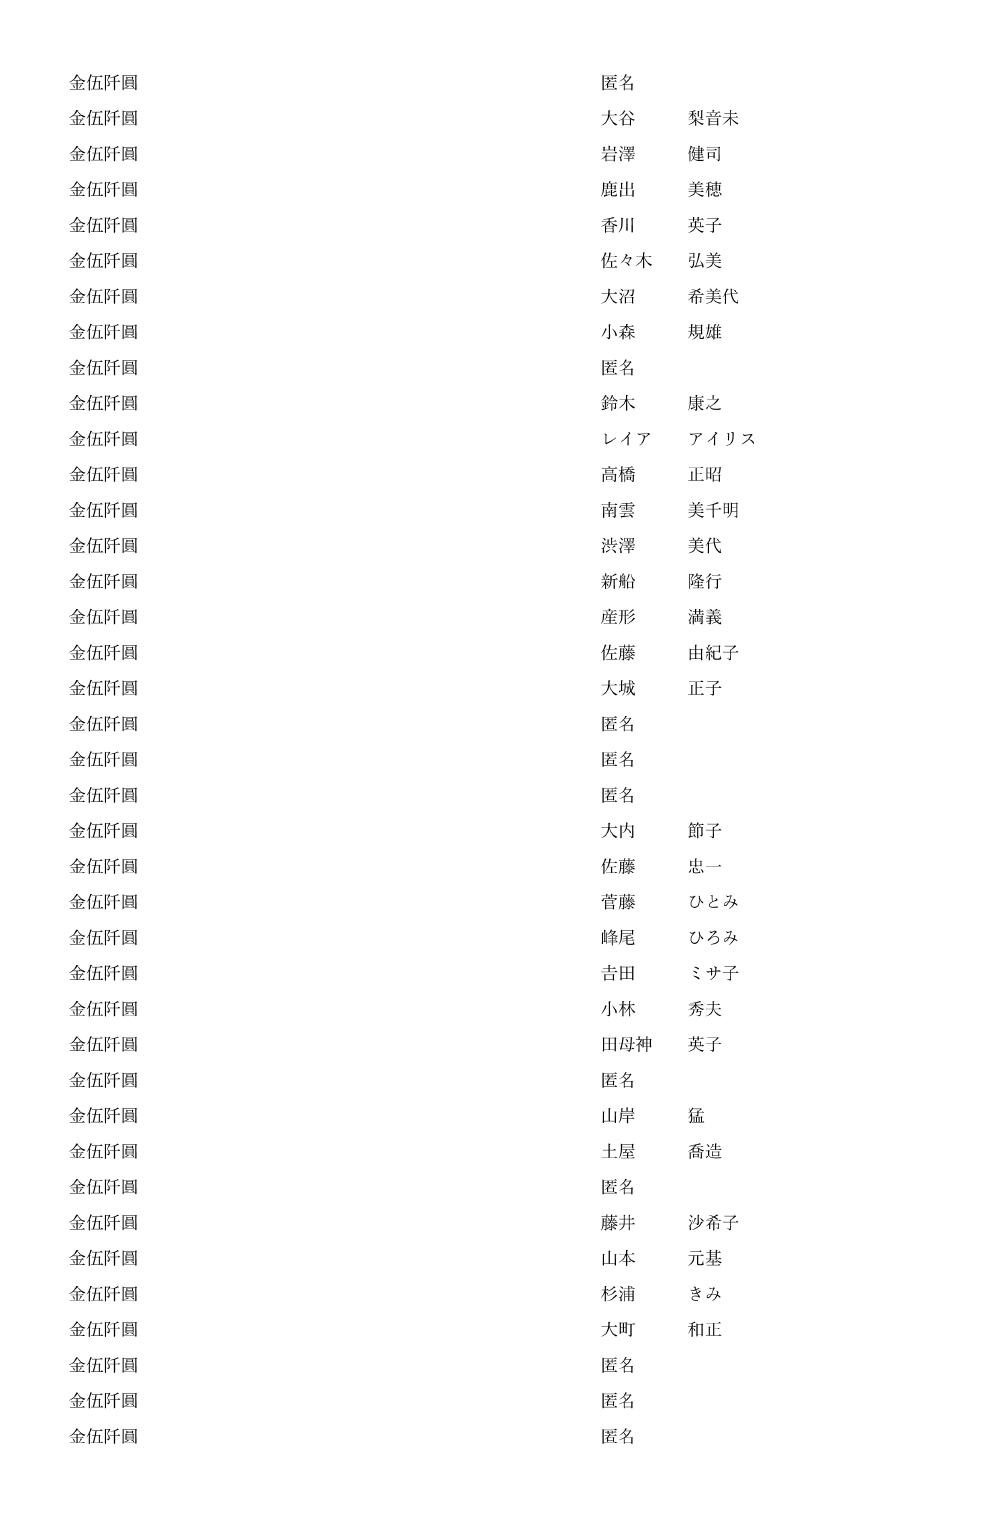 御鎮座七百年記念事業奉賛者御芳名簿19